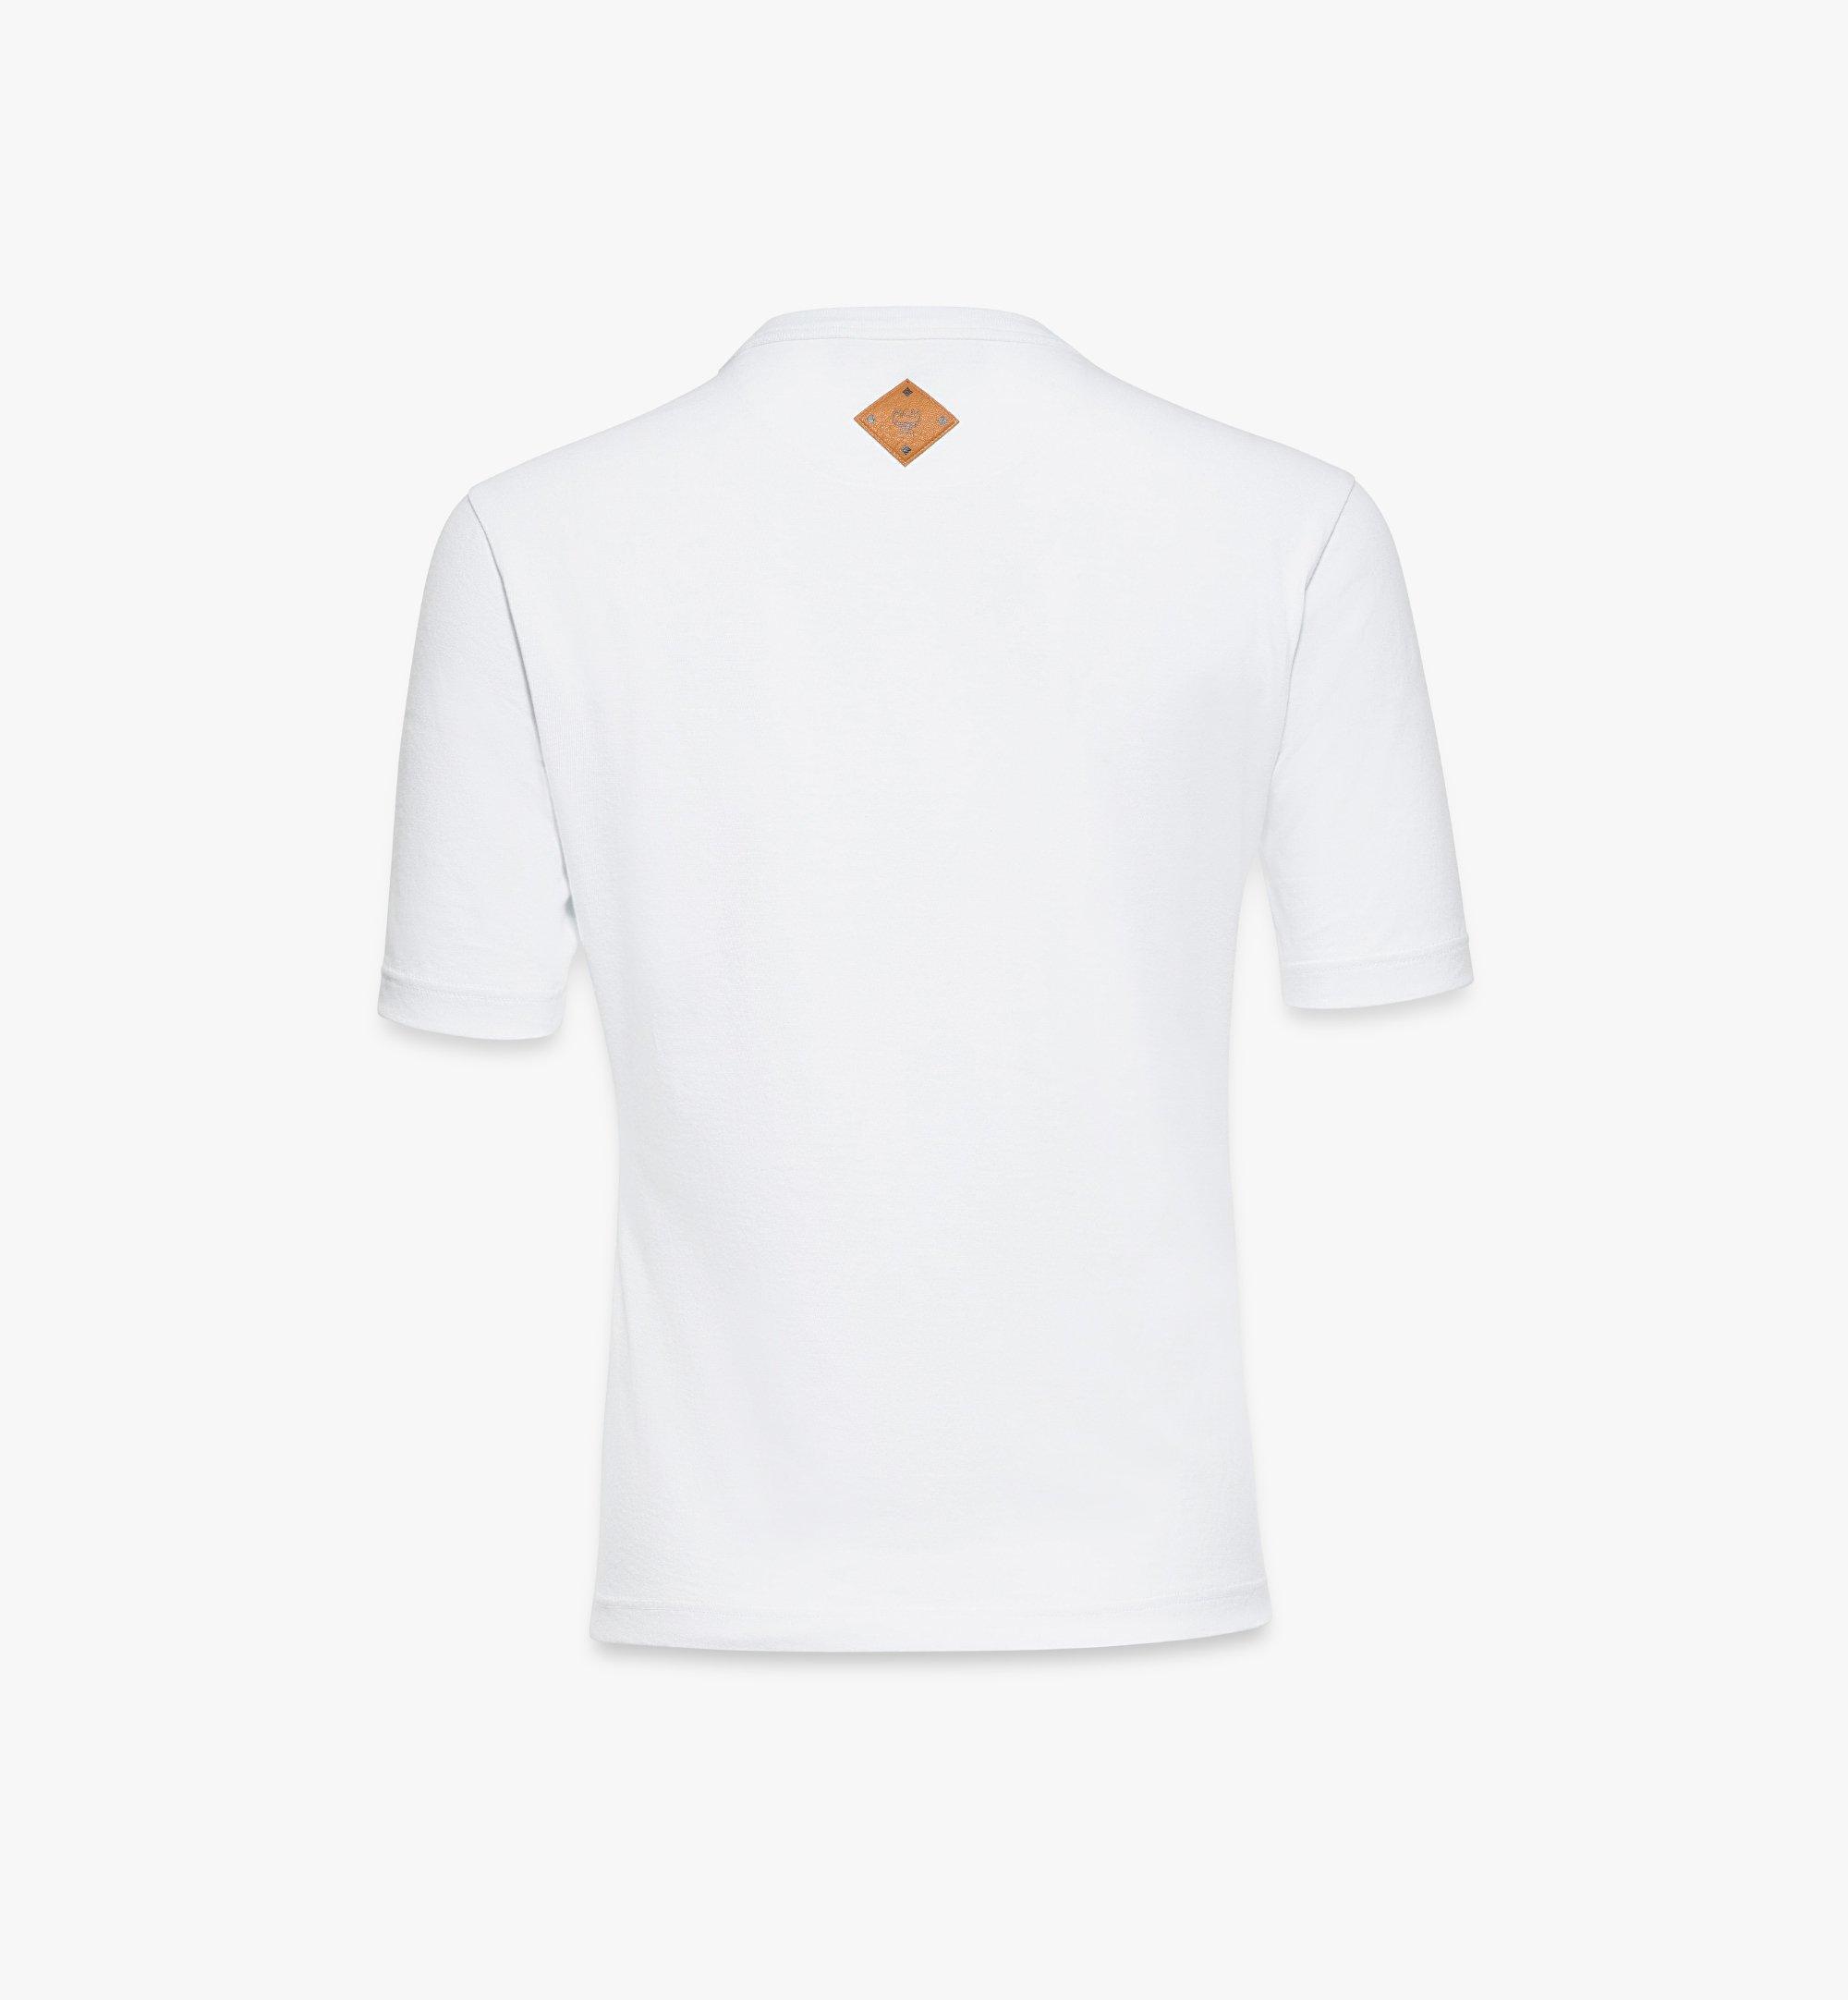 MCM Klassisches T-Shirt mit Logo für Damen White MFTASMM03W200M Noch mehr sehen 1